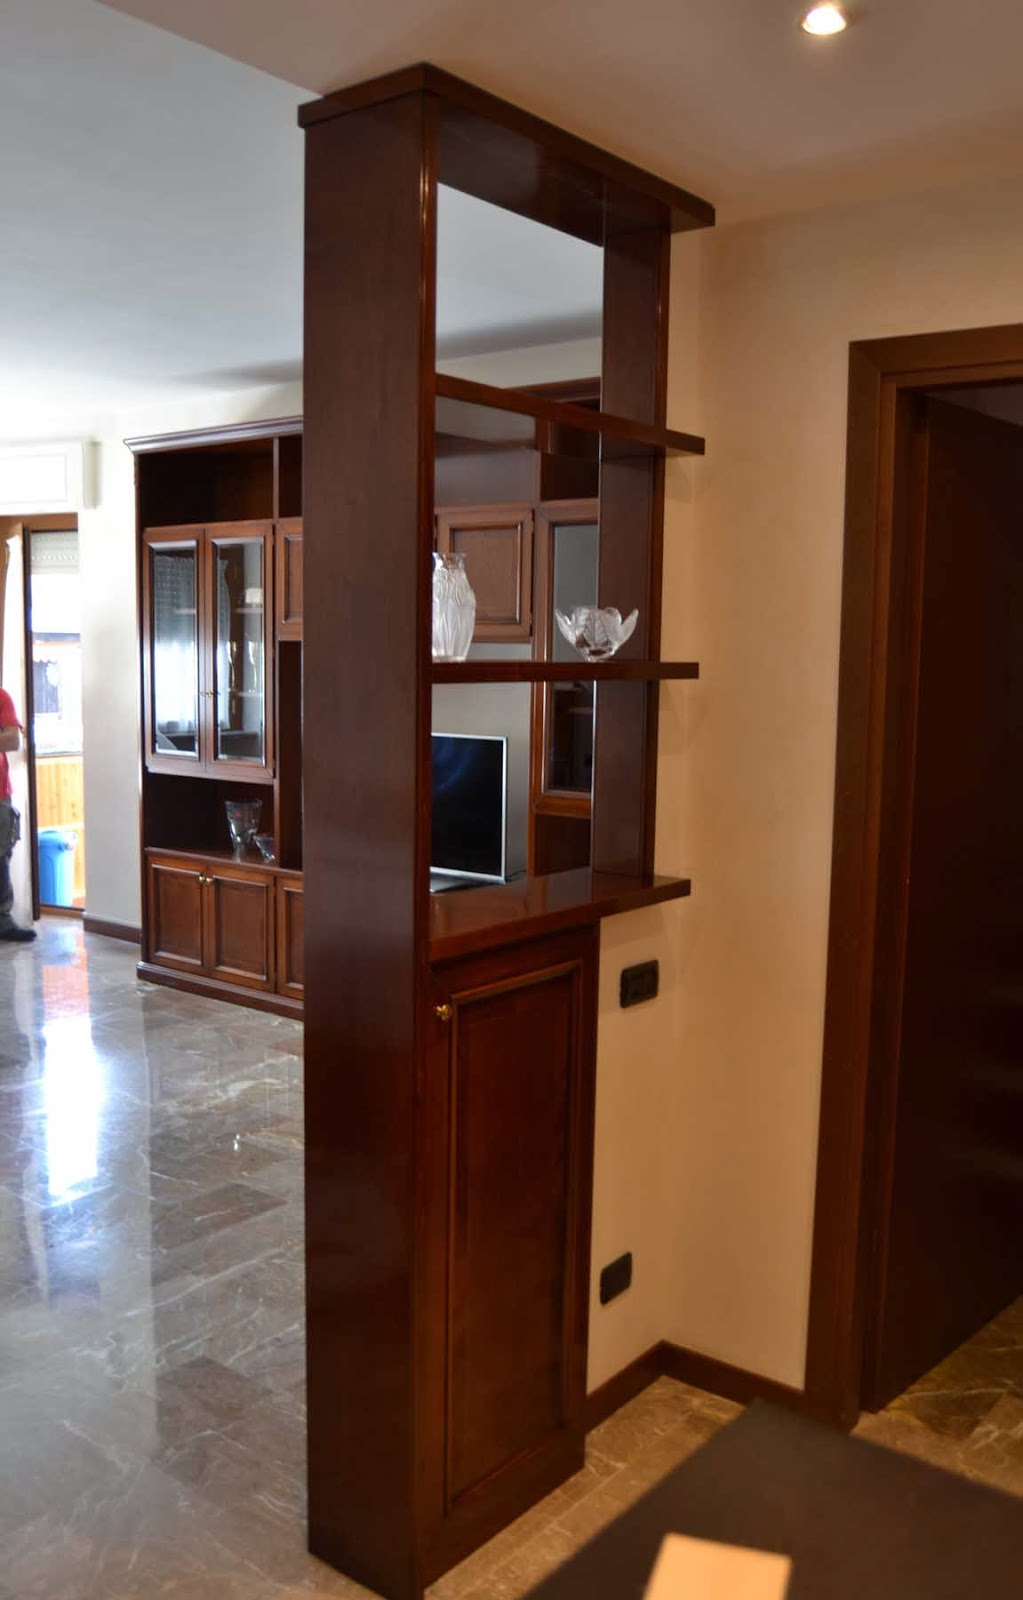 Mobili da soggiorno divisori design casa creativa e - Mobili da soggiorno ...